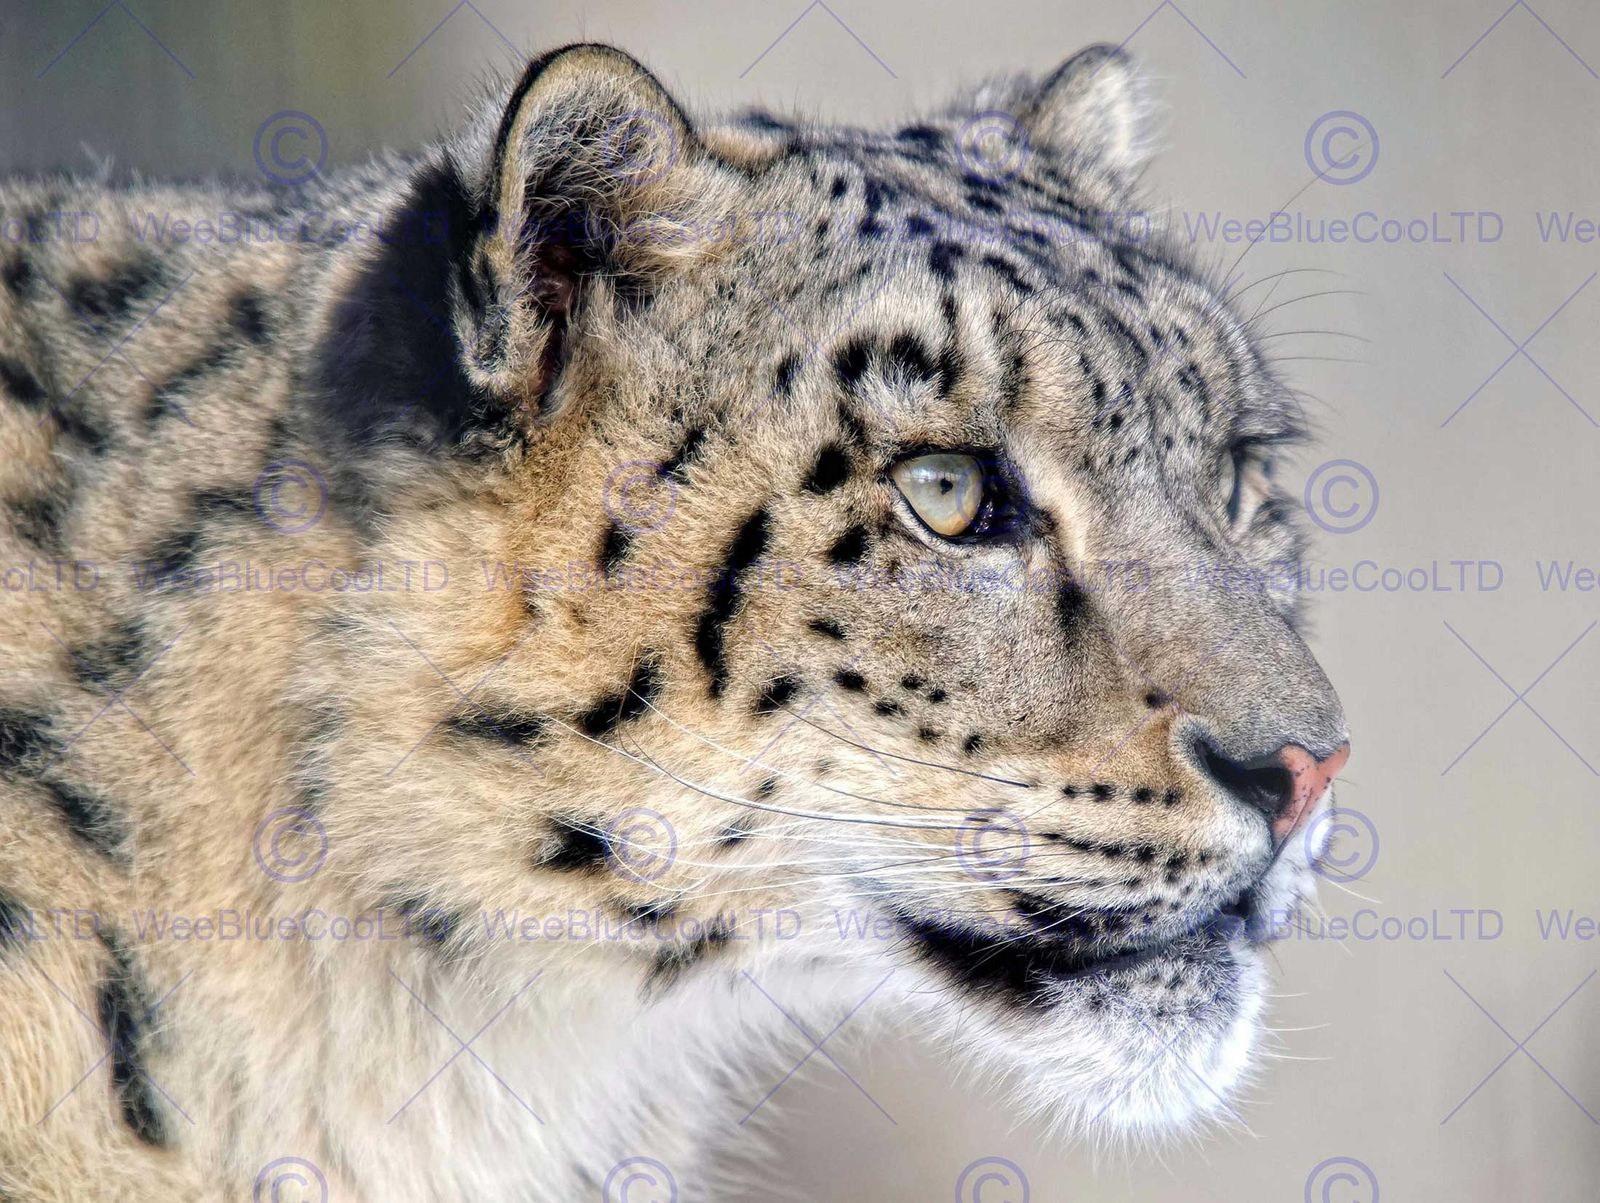 87467 SNOW LEOPARD FACE CLOSE UP BIG CAT Decor WALL PRINT POSTER CA